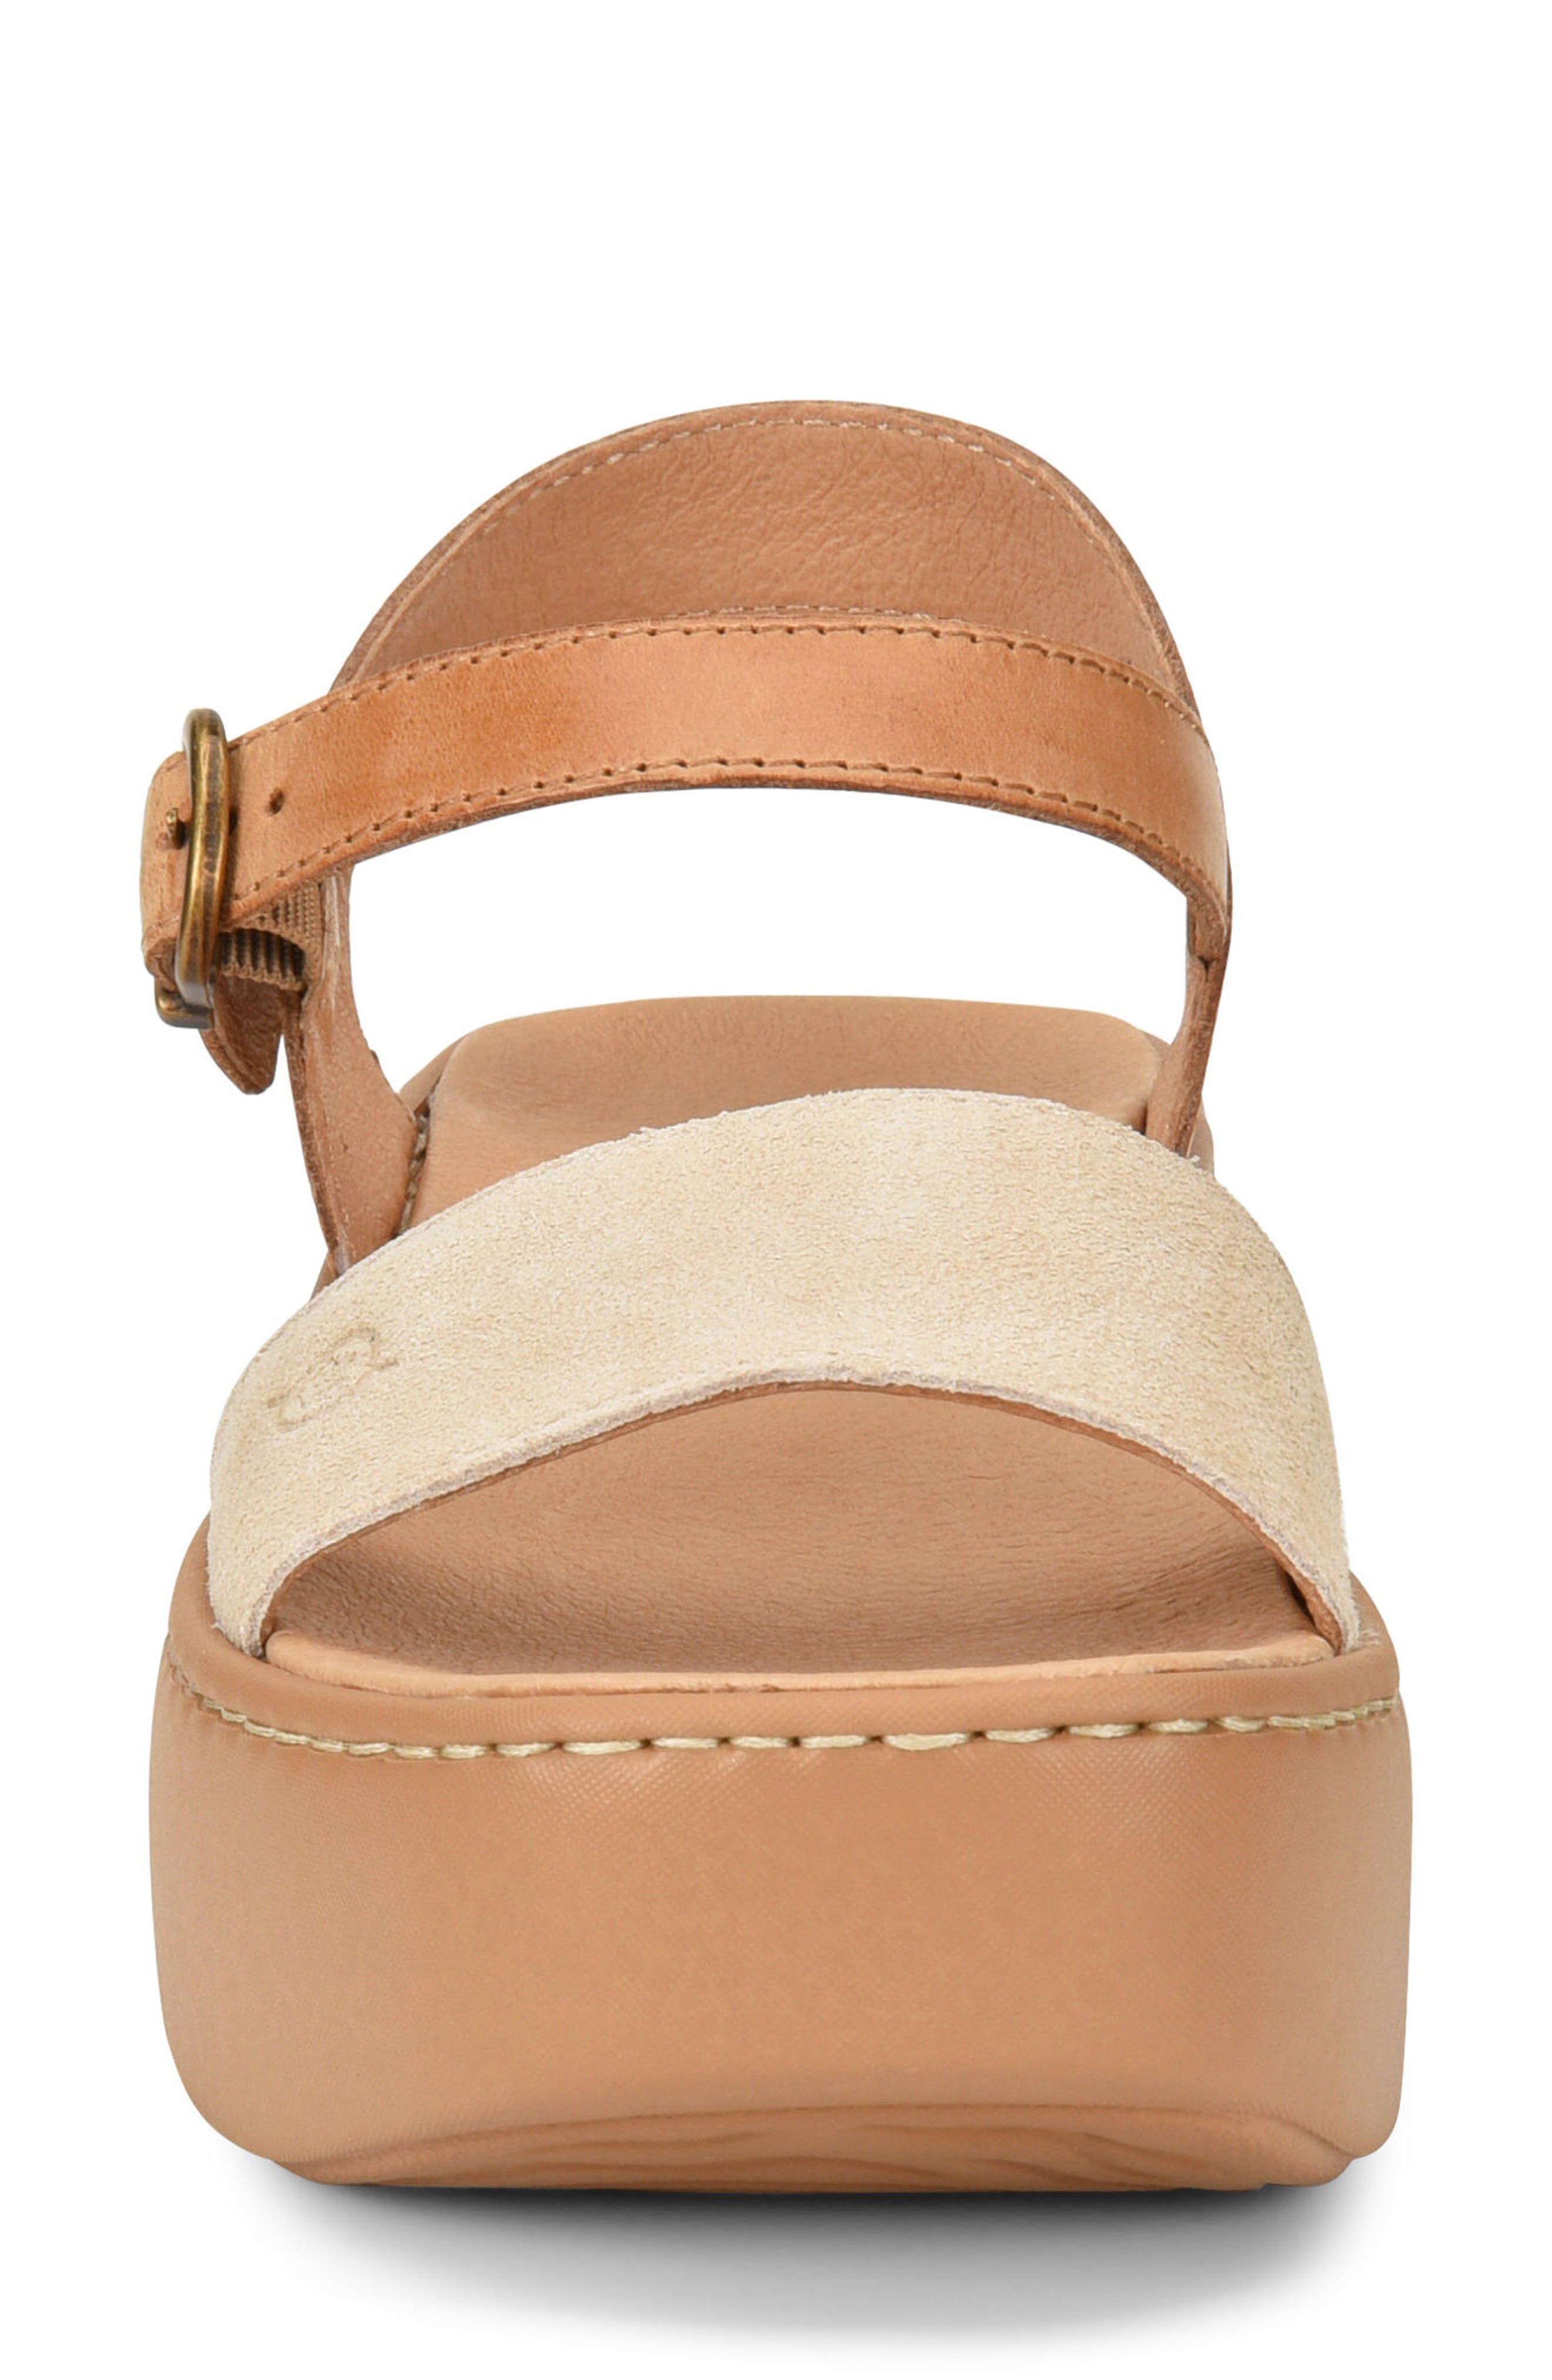 Breaker Platform Sandal,                             Alternate thumbnail 4, color,                             260